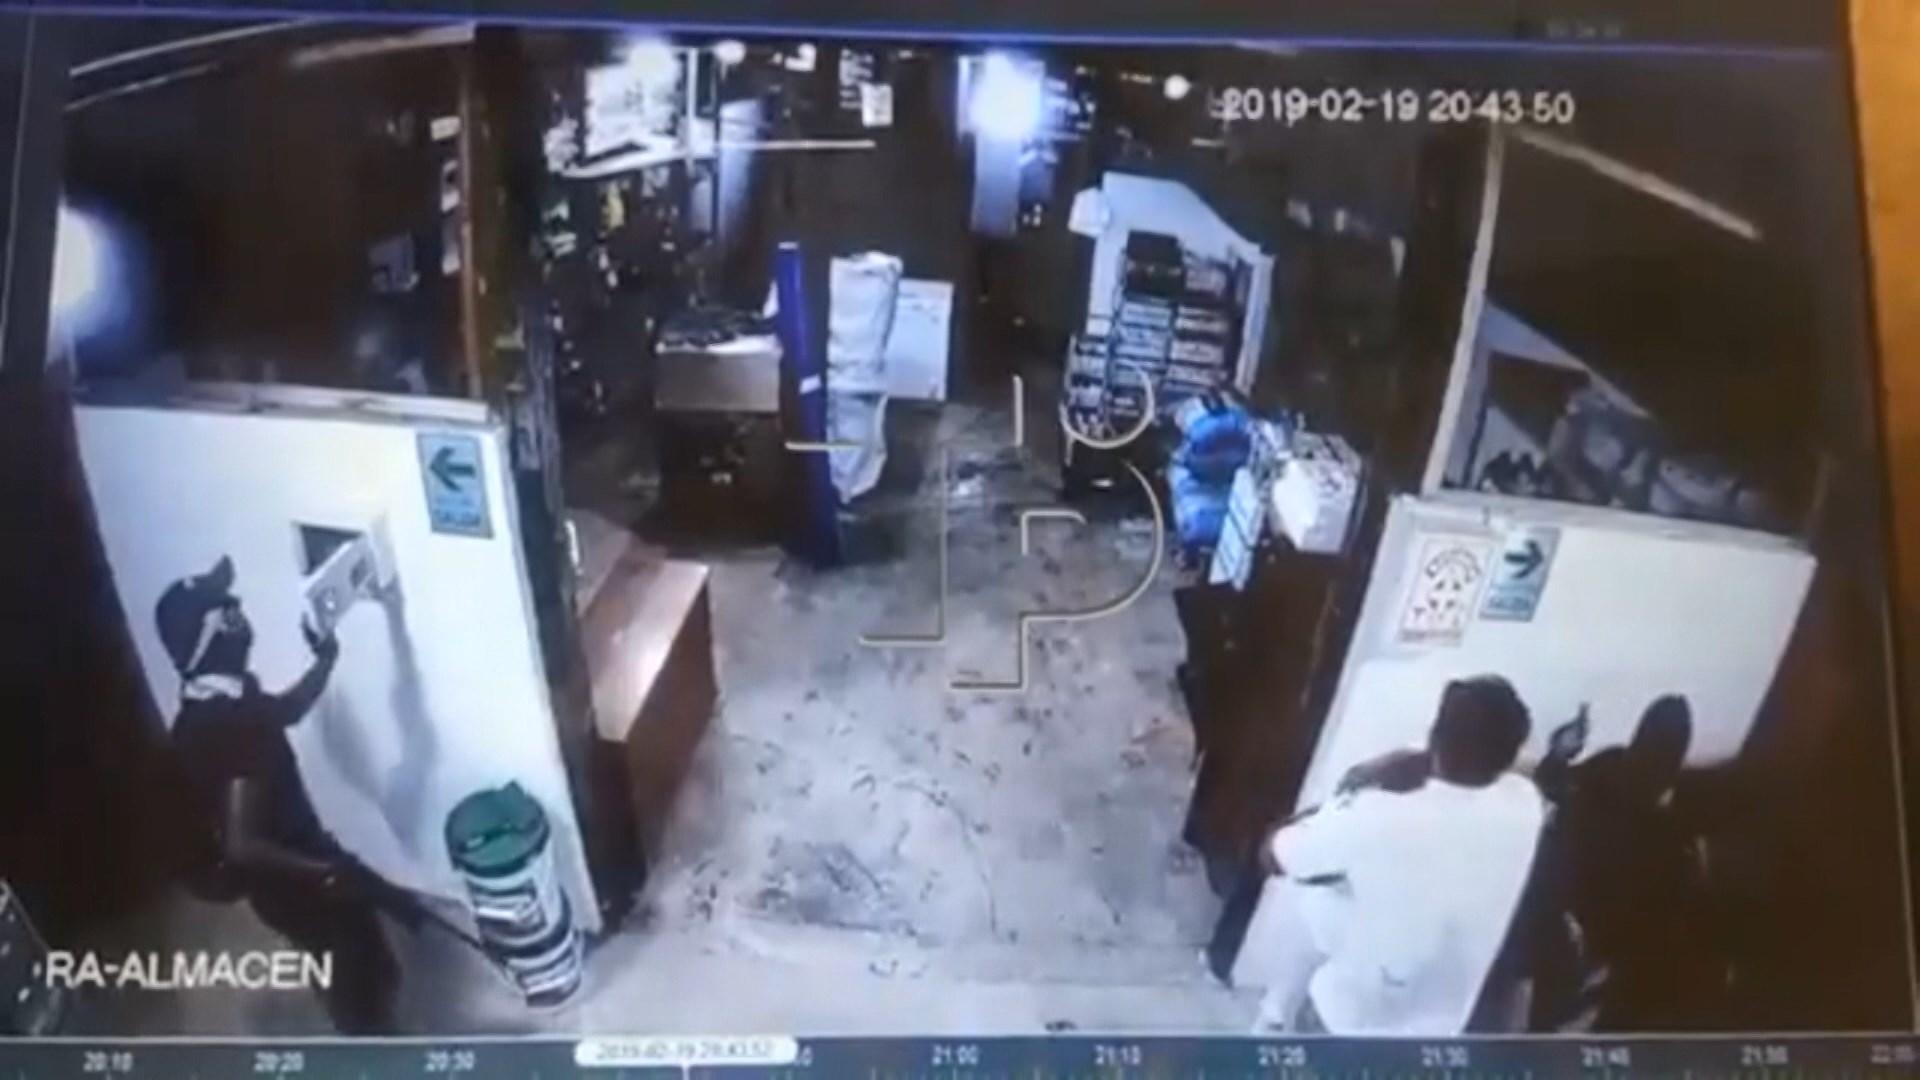 秘魯酒店劫案 一名港人遺失護照須補辦